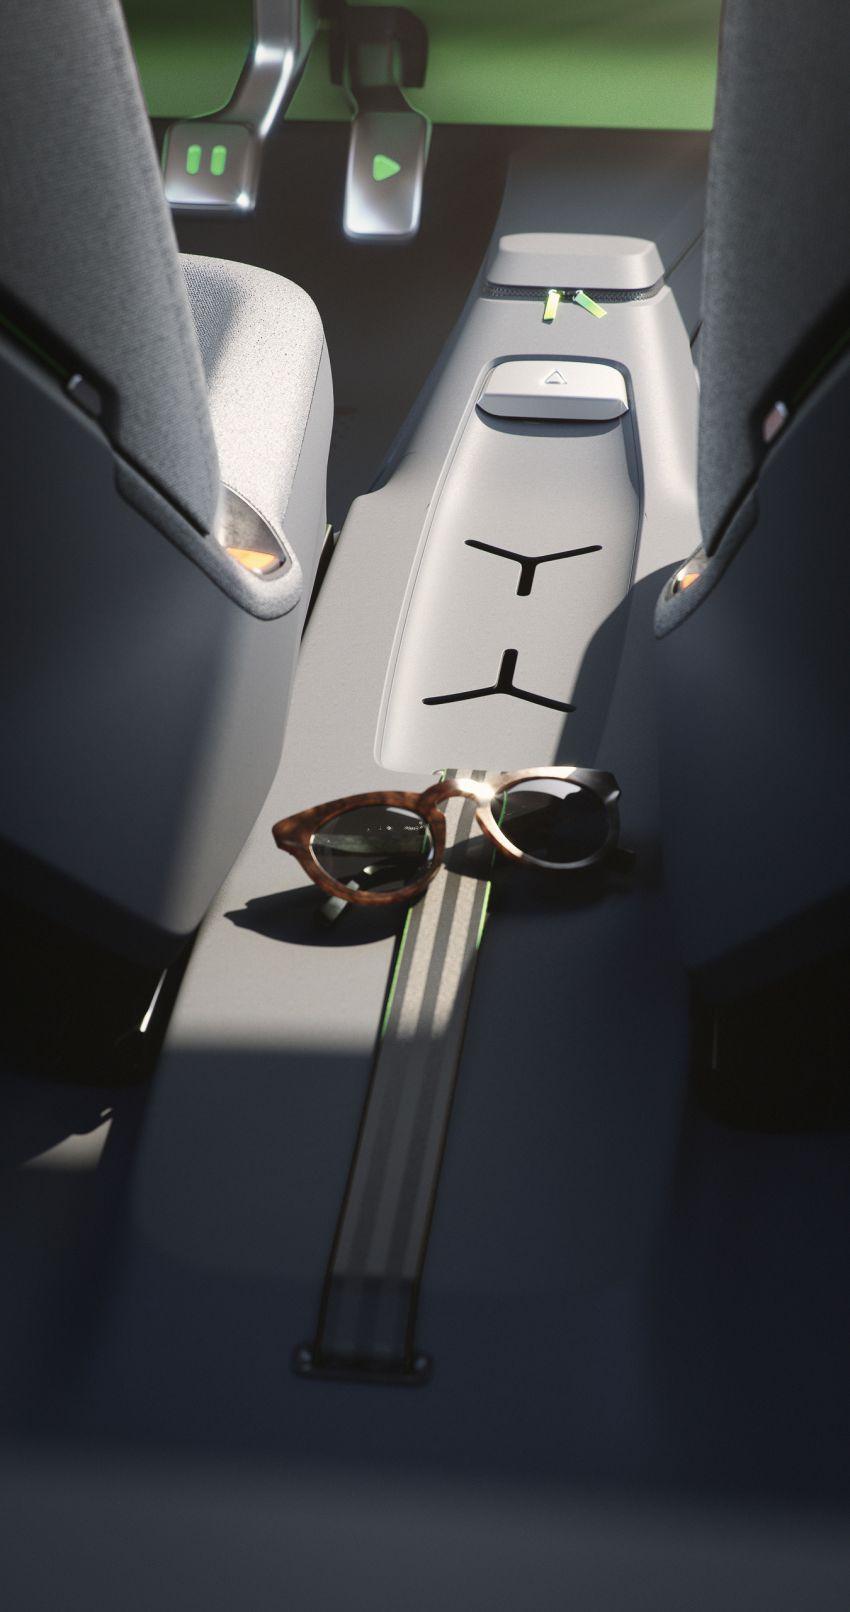 Volkswagen I.D. Buggy bawa konsep santai – dipacu motor elektrik 204 PS, tiada bumbung dan pintu Image #931538